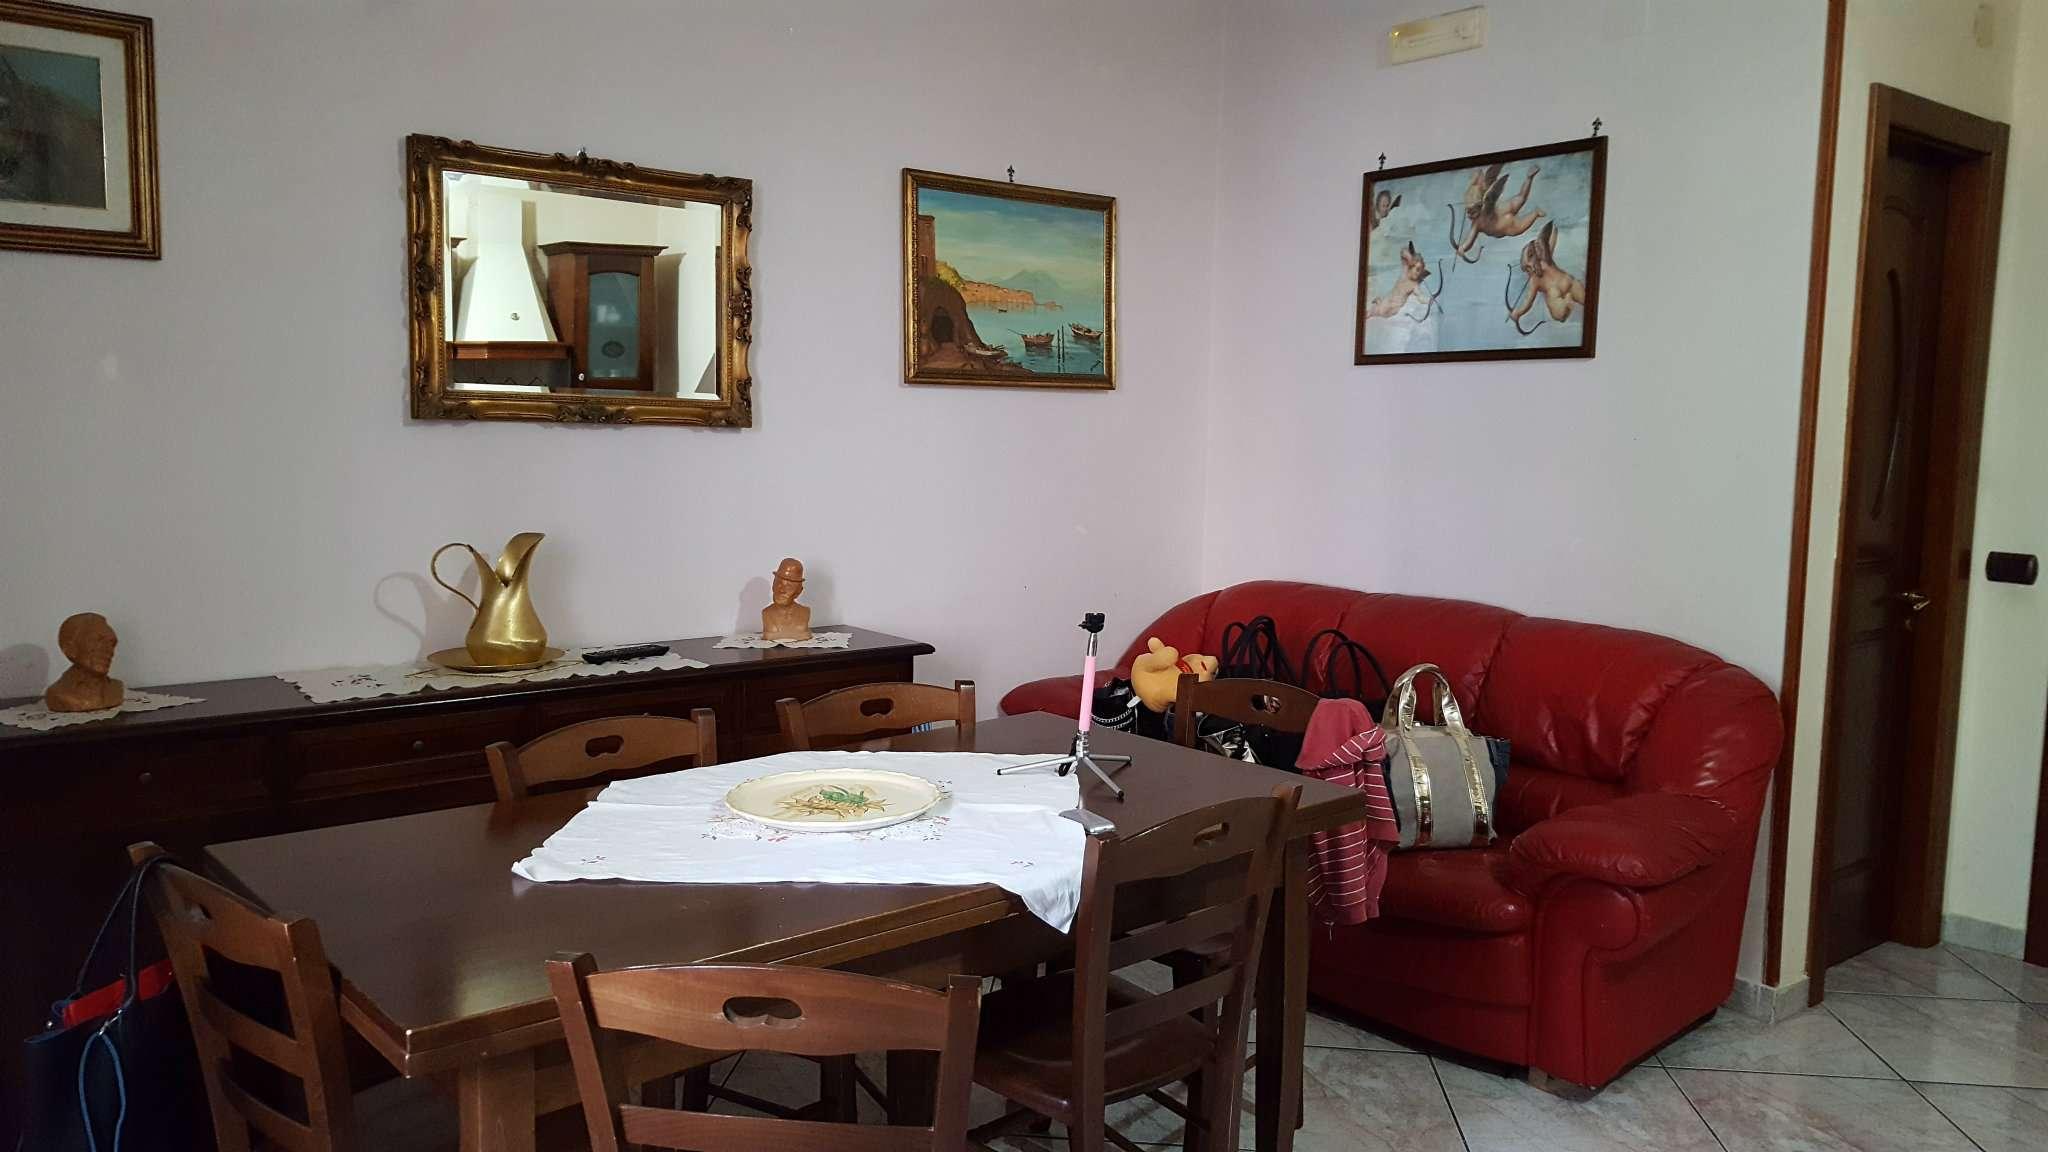 Appartamento in vendita a Giugliano in Campania, 7 locali, prezzo € 170.000 | Cambio Casa.it